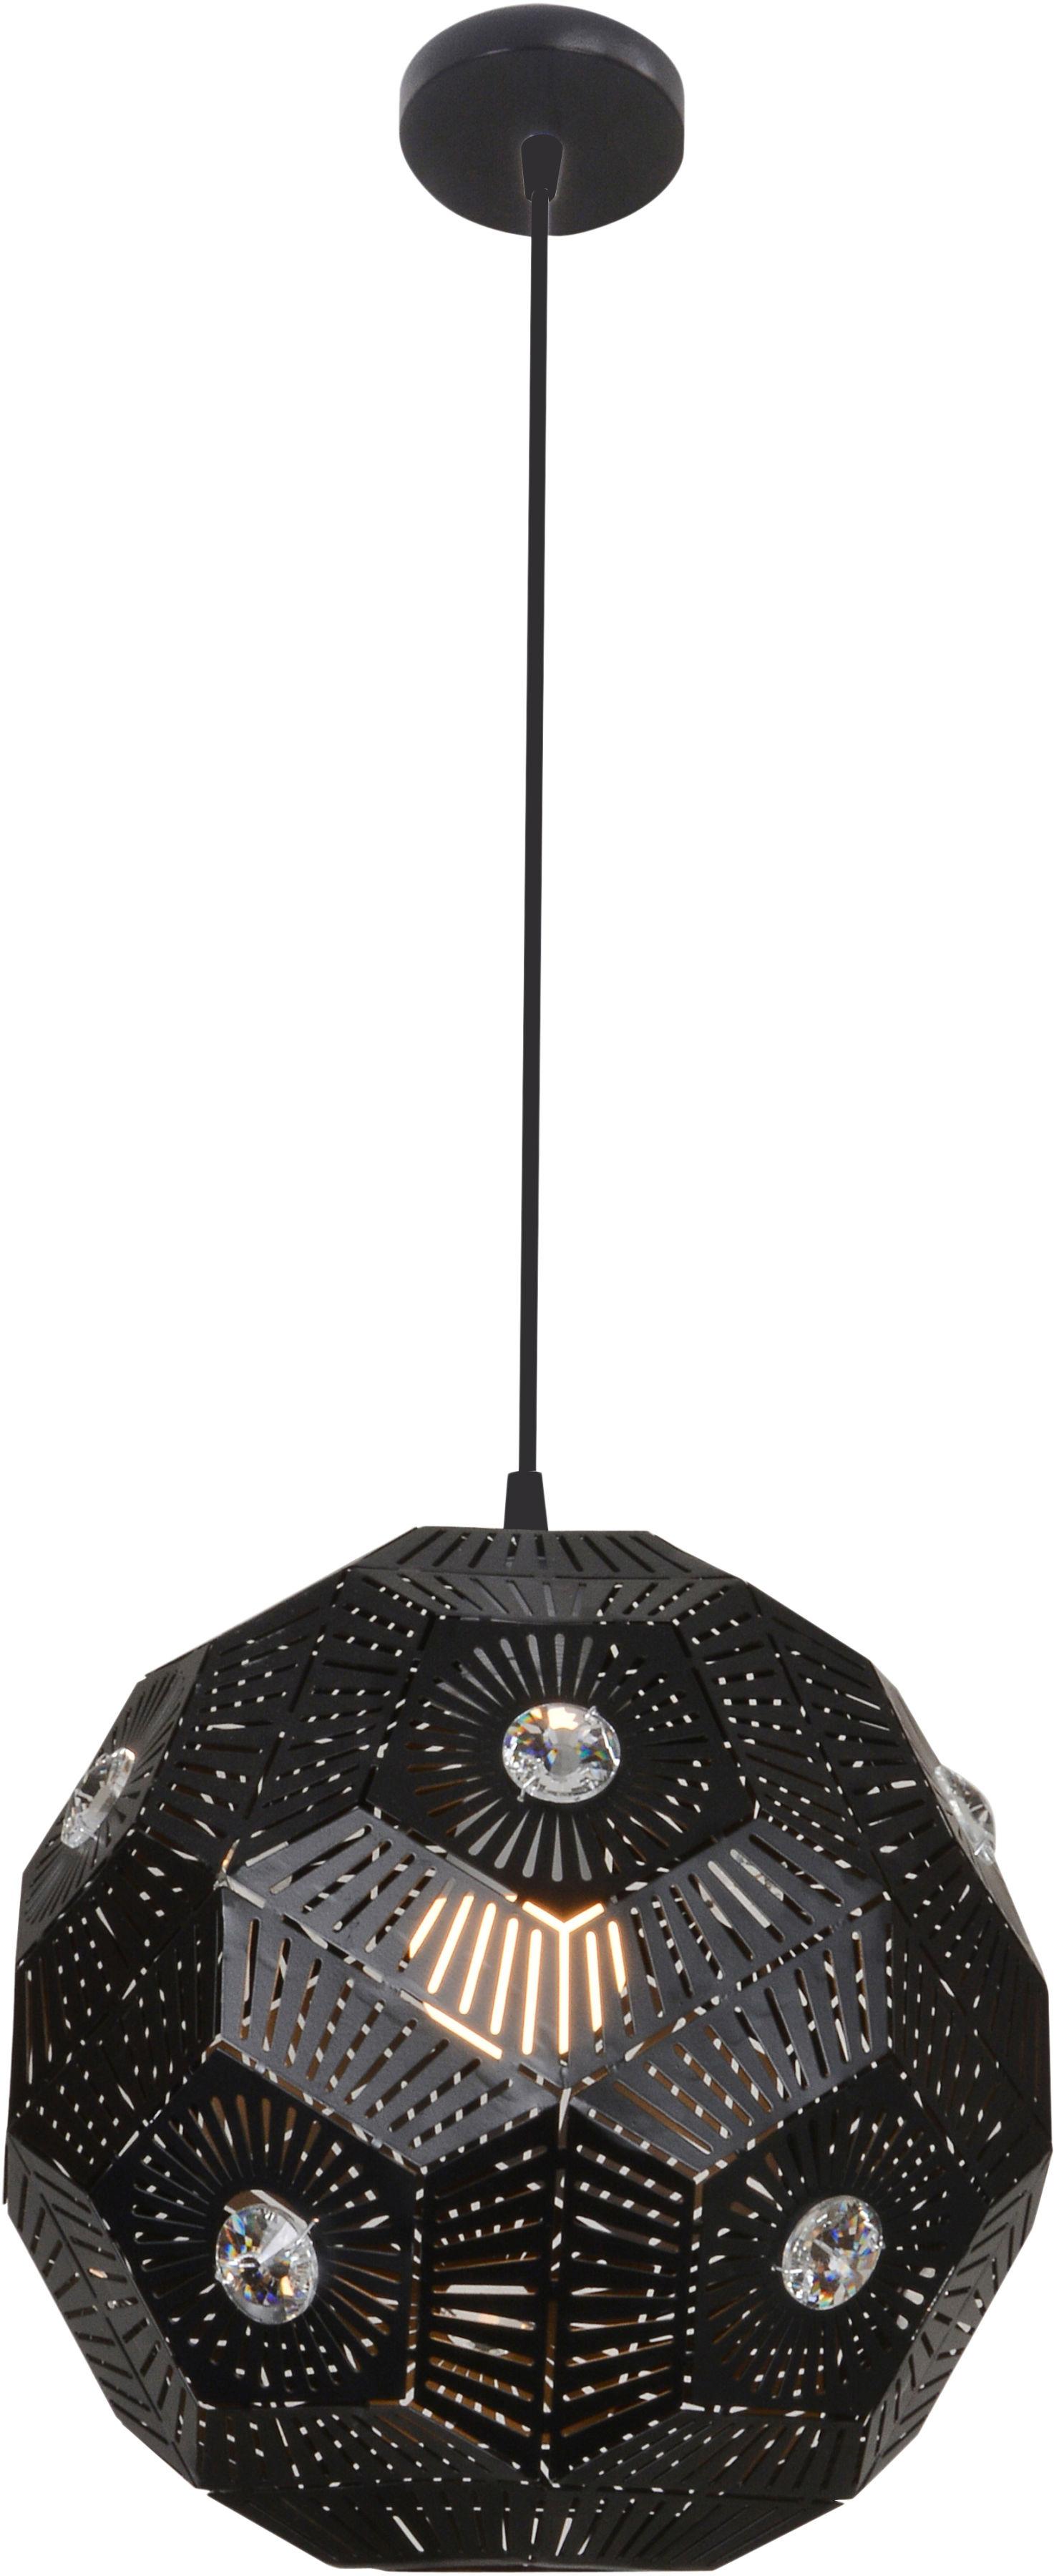 Candellux EUPHORIA 31-69764 lampa wisząca czarny metalowy klosz z kryształkami 1X40W E27 30cm